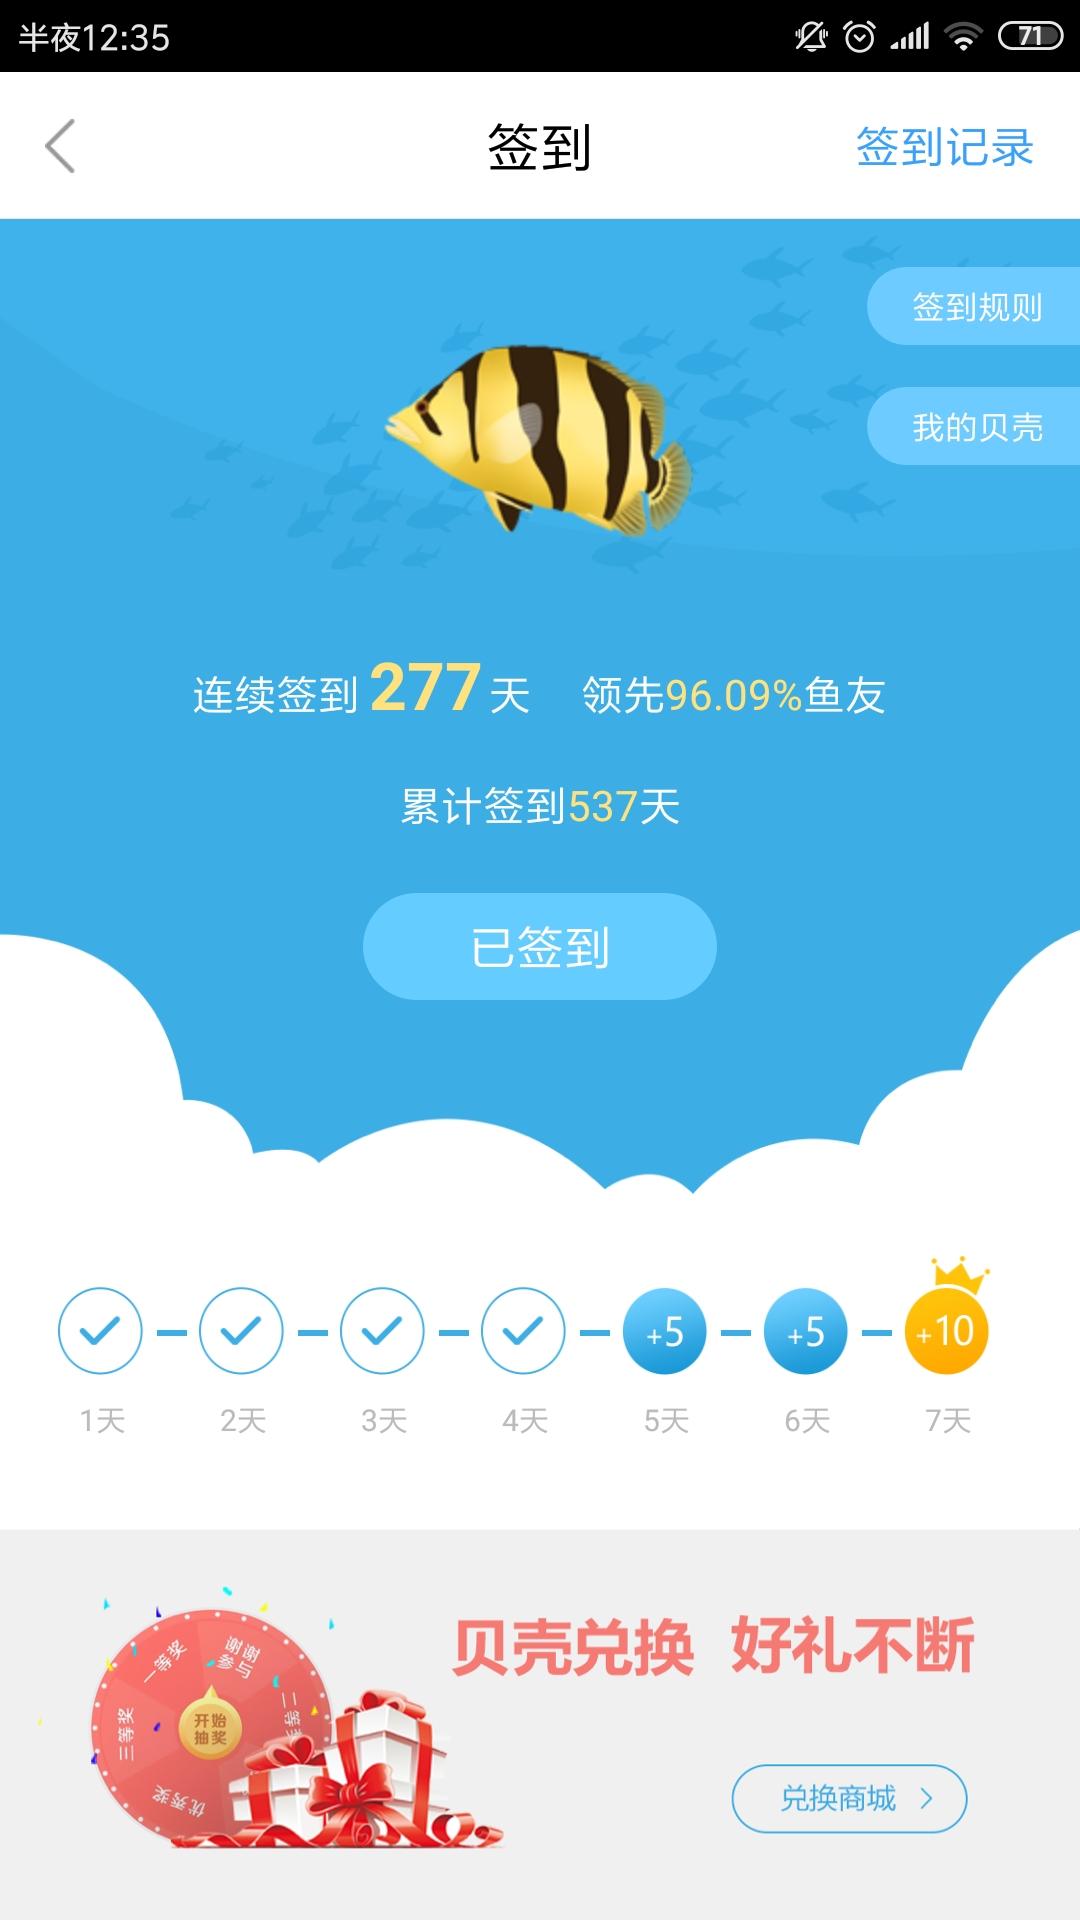 撸不到转盘 北京观赏鱼 北京龙鱼第1张